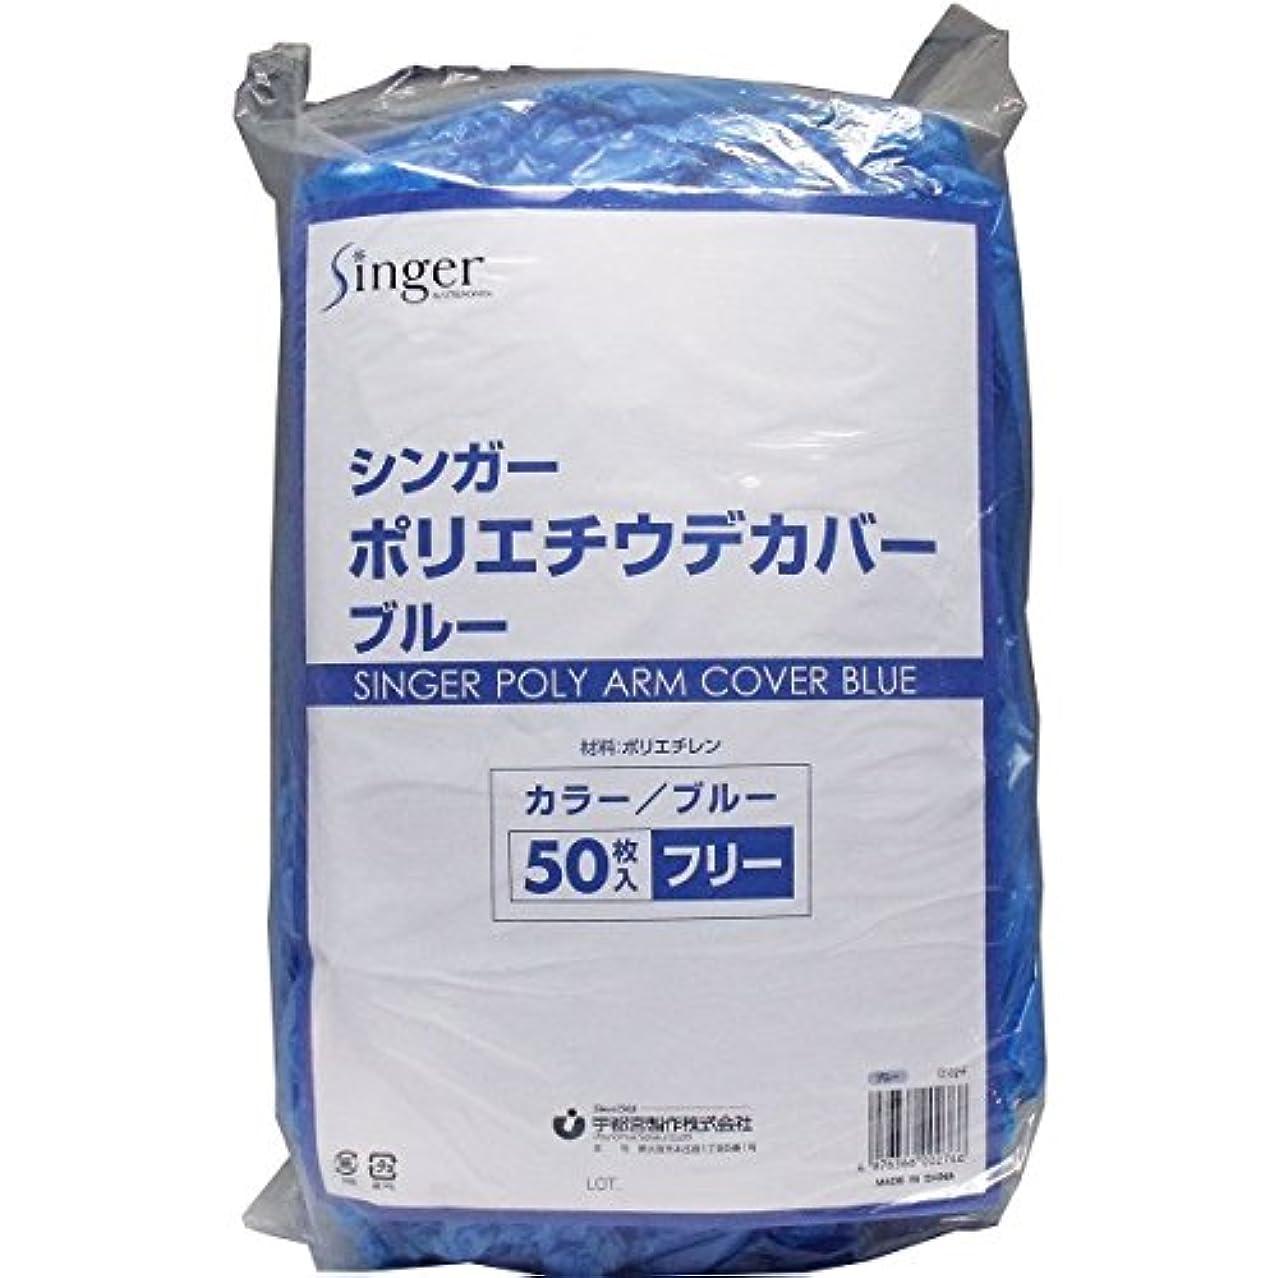 命令的着実に哲学博士シンガー ポリエチウデカバー (腕カバー) ブルー フリーサイズ 1000枚入り 50枚x20袋